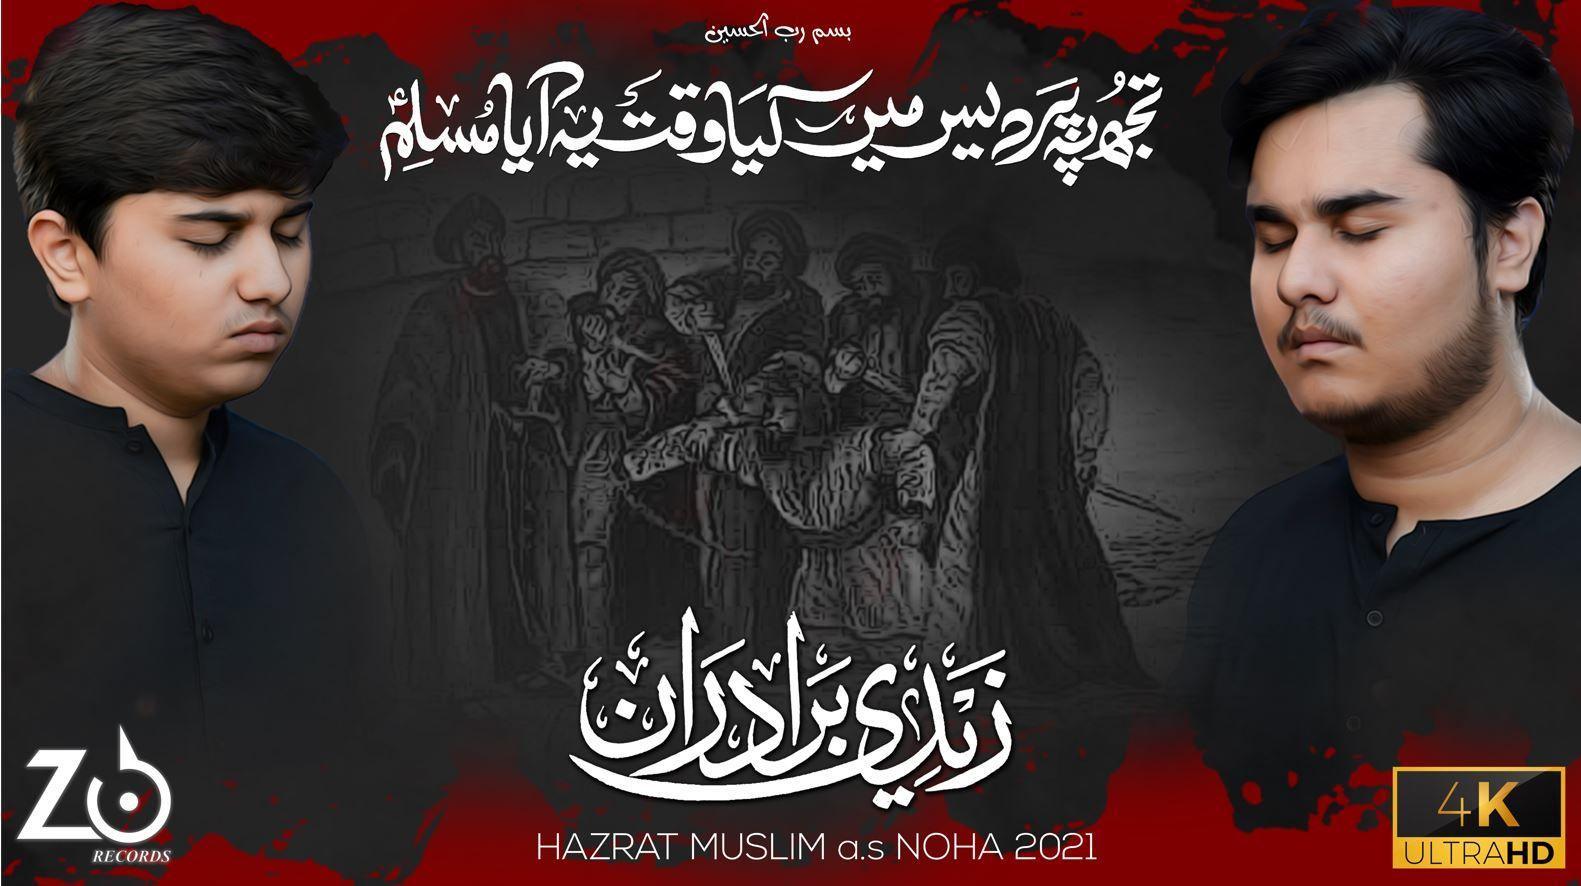 Shahadat Muslim Bin Aqeel Noha 2021 | Waqt Ye Aya Muslim | Zaidi Brothers | Muharrum Noha 1443/2021